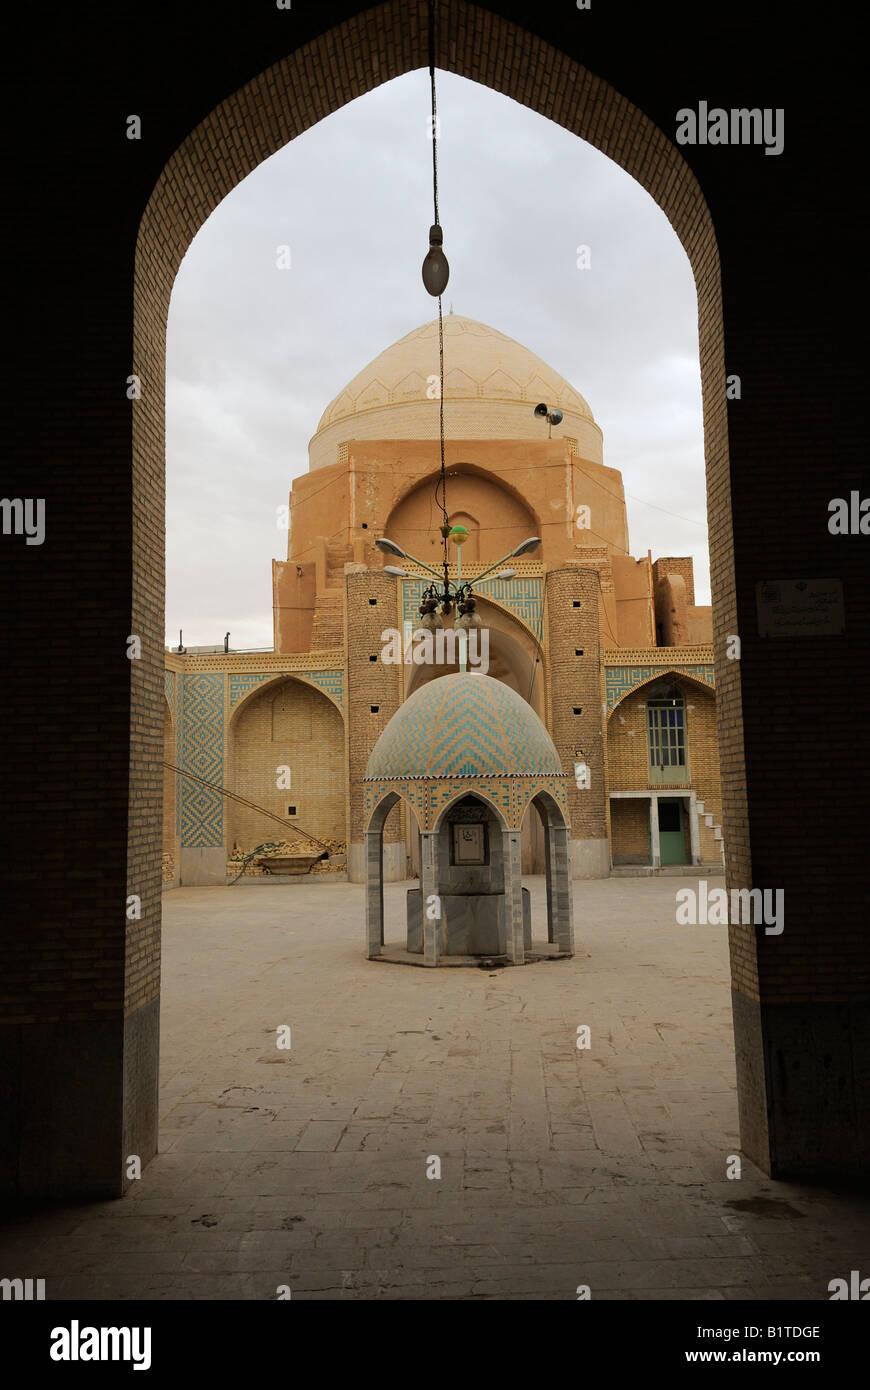 Una vista di un cortile interno a una moschea con cupola e architettonico piastrellato turchine punto di acqua in Immagini Stock